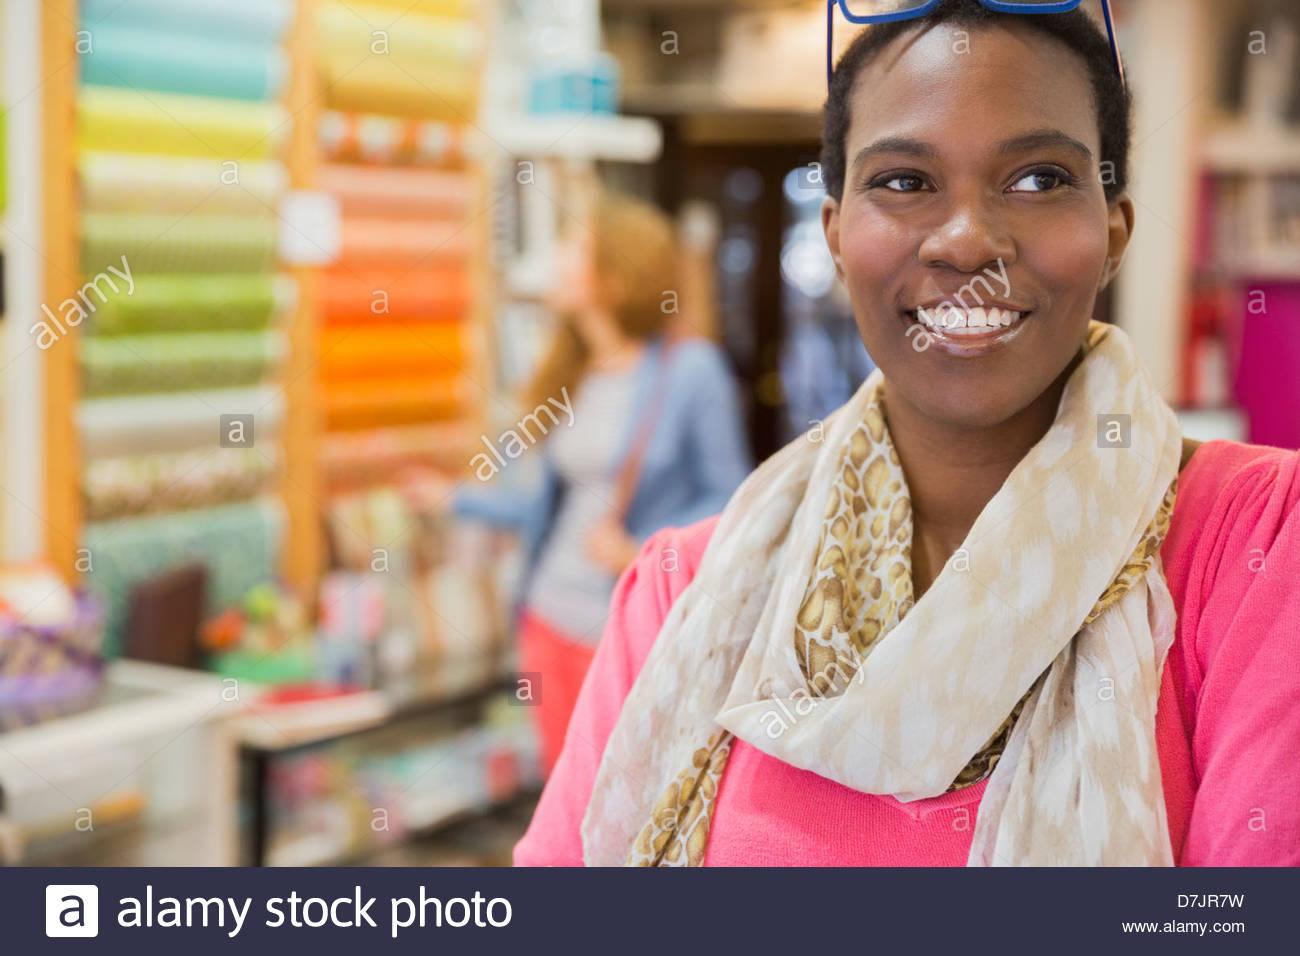 Jamaican Shop Stock Photos & Jamaican Shop Stock Images - Alamy